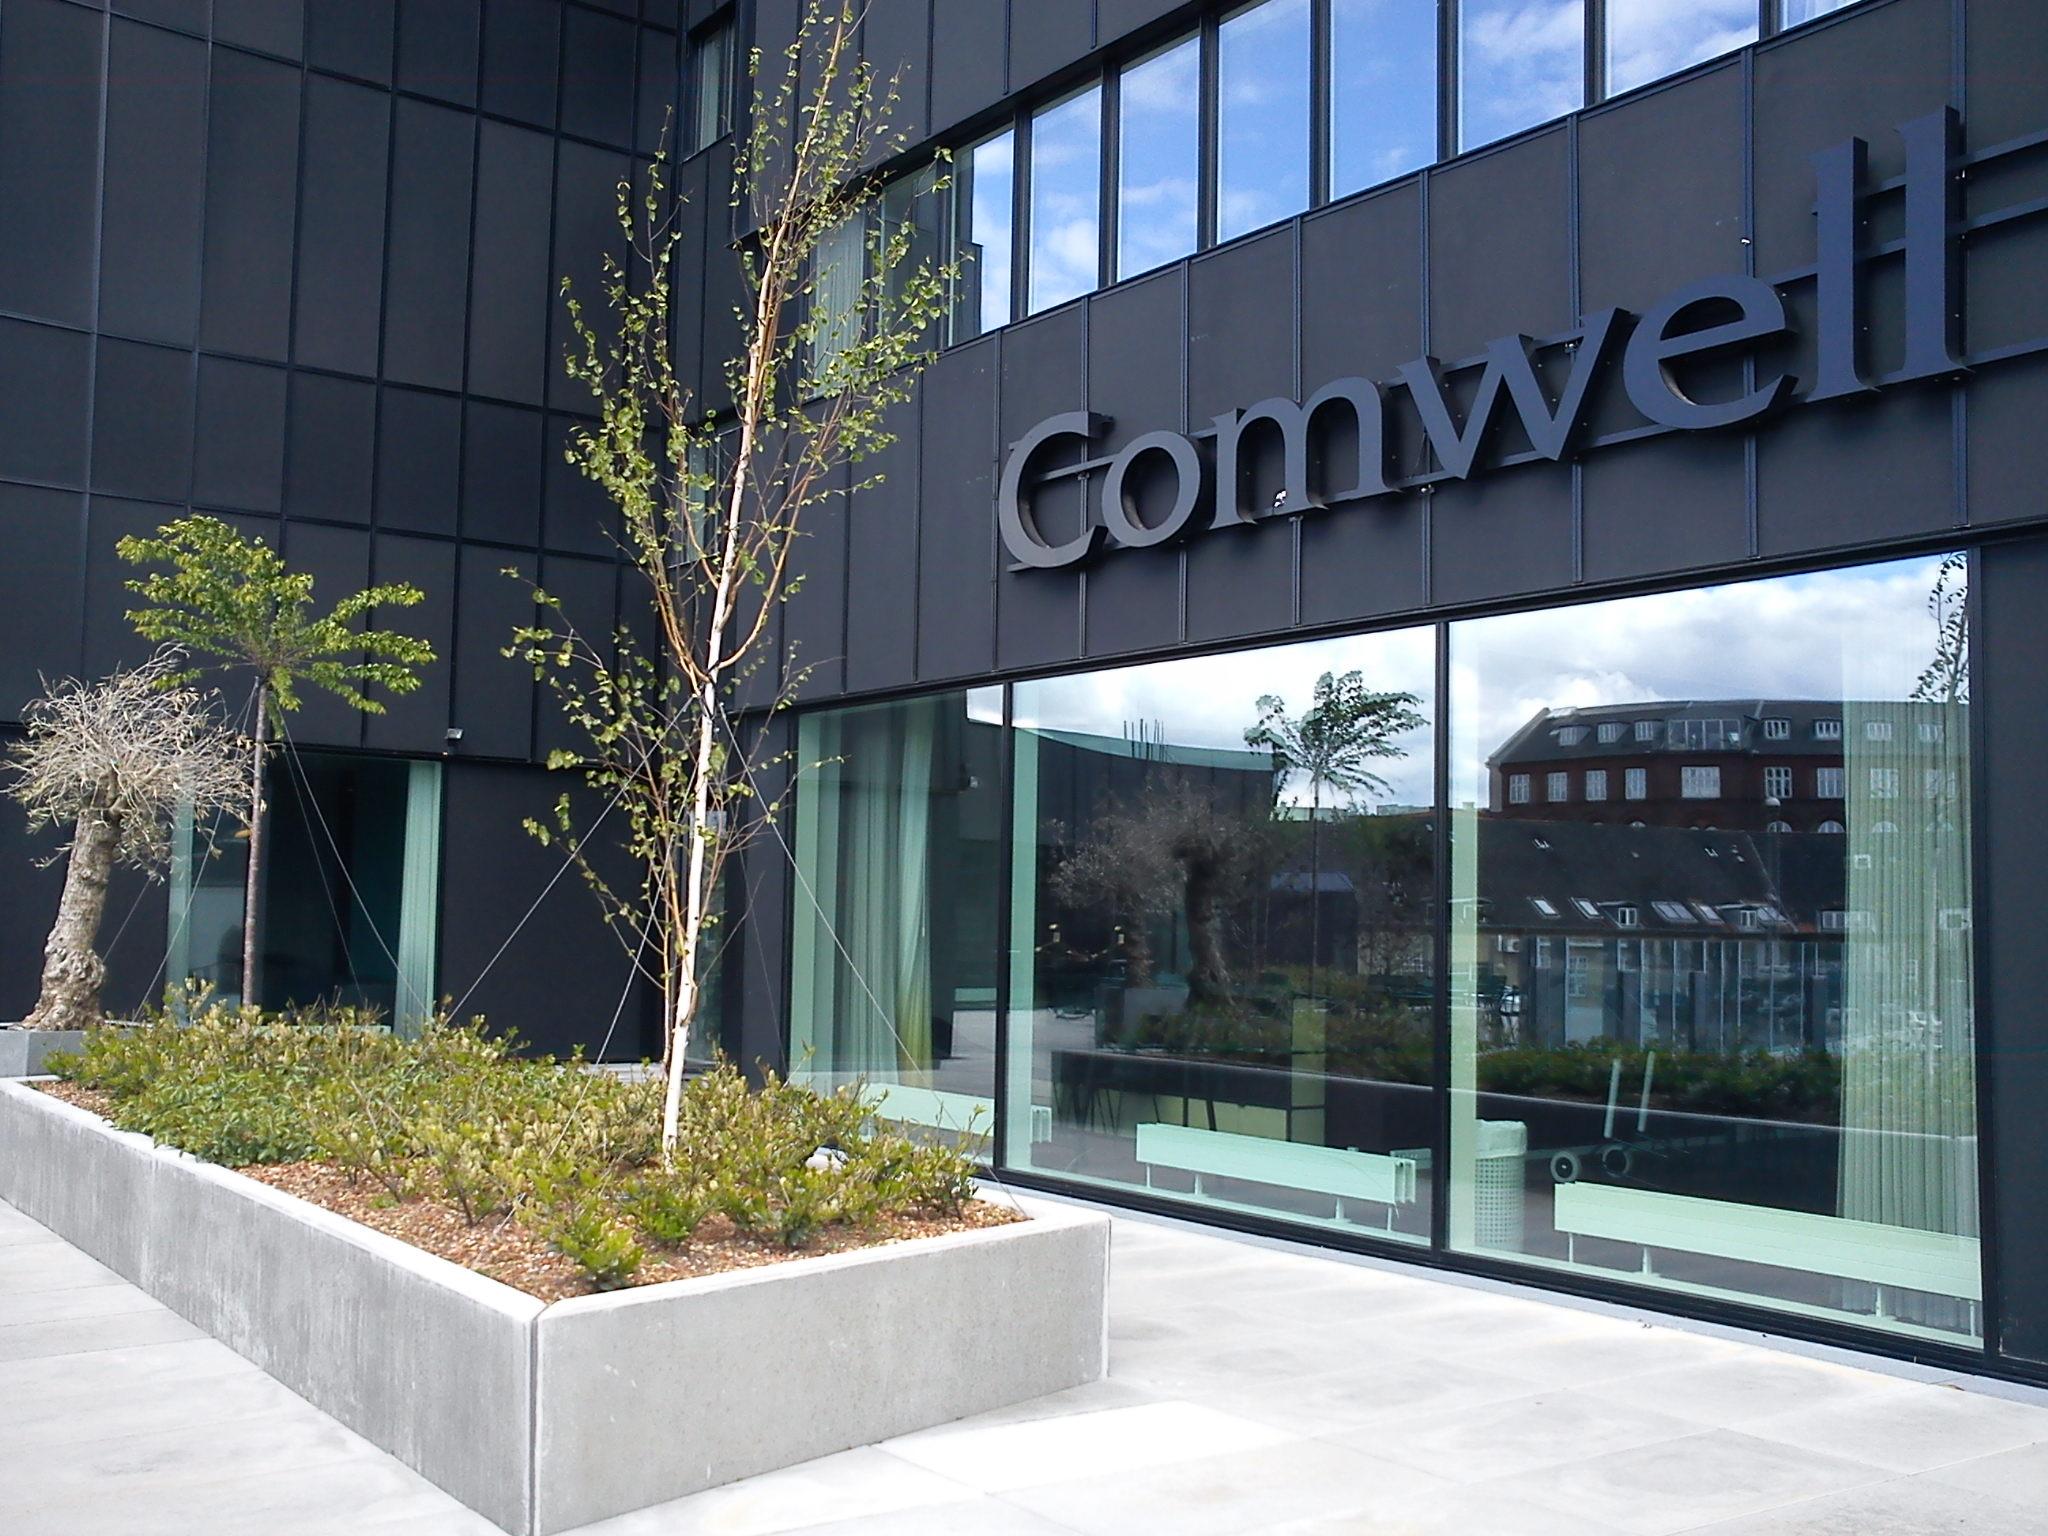 Comwell-hotellet i Aarhus skal udvides fra de nuværende 240 værelser med yderligere 198. I København får kæden i 2020 sit hidtil største hotel.